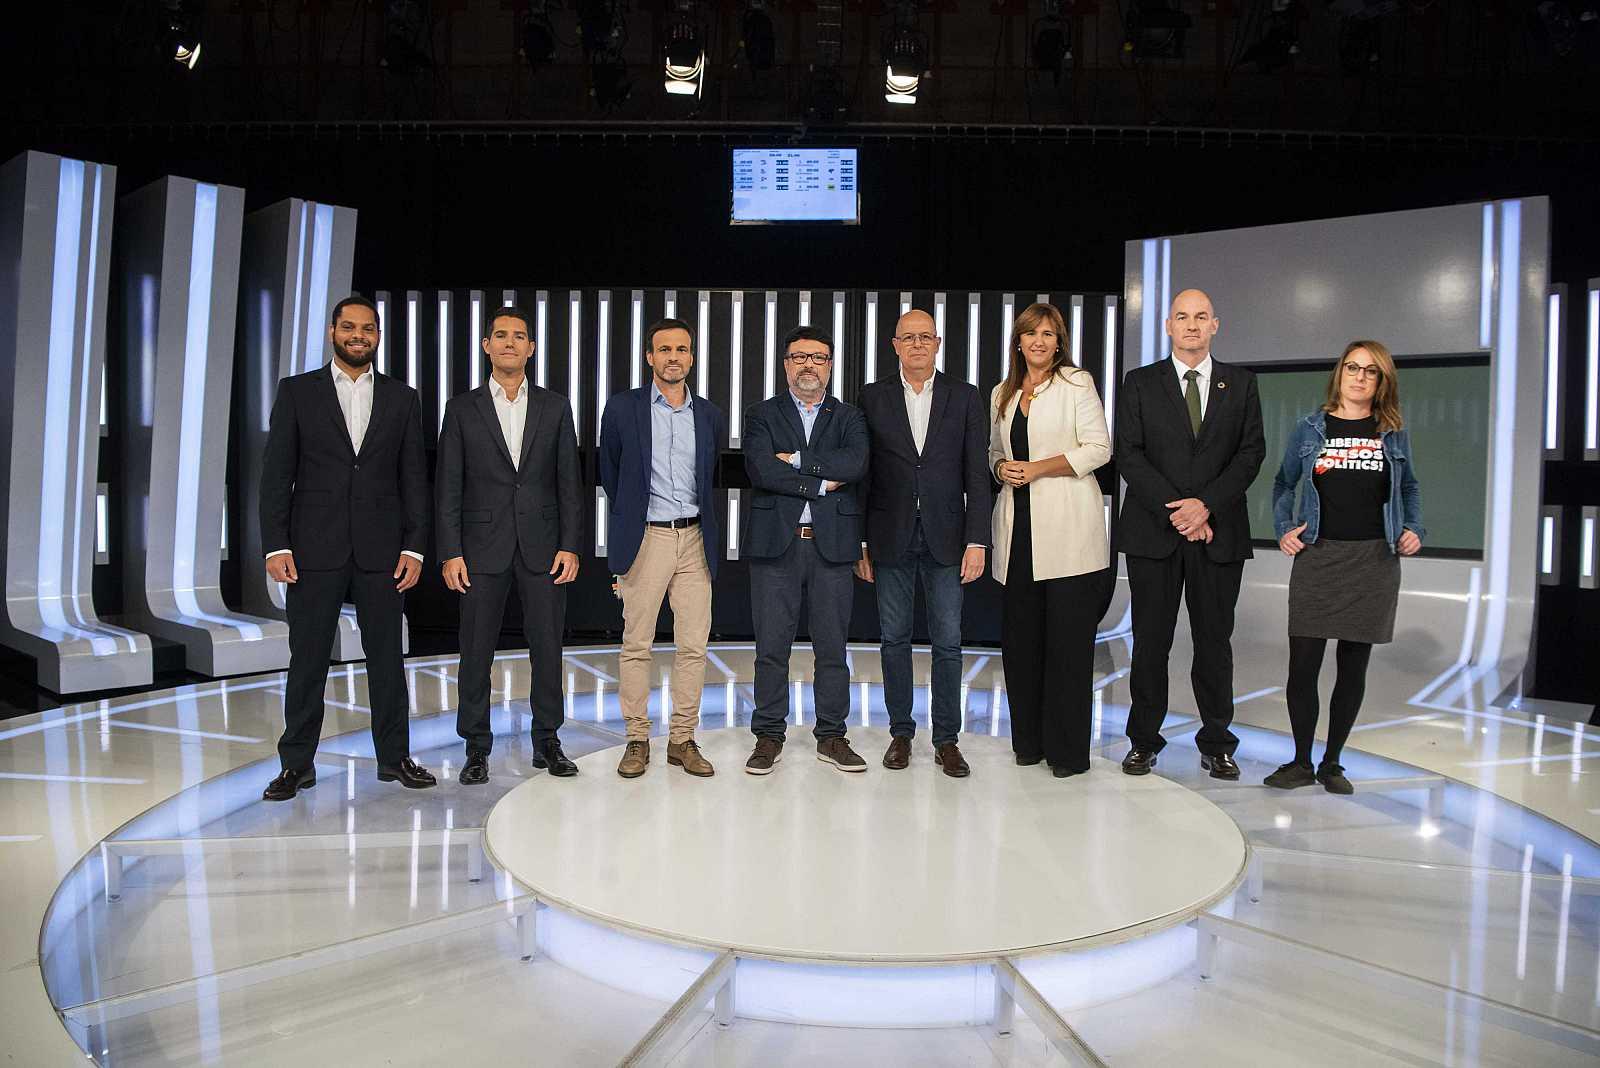 El Debat de La 1 - Especial Debat Electoral 10N